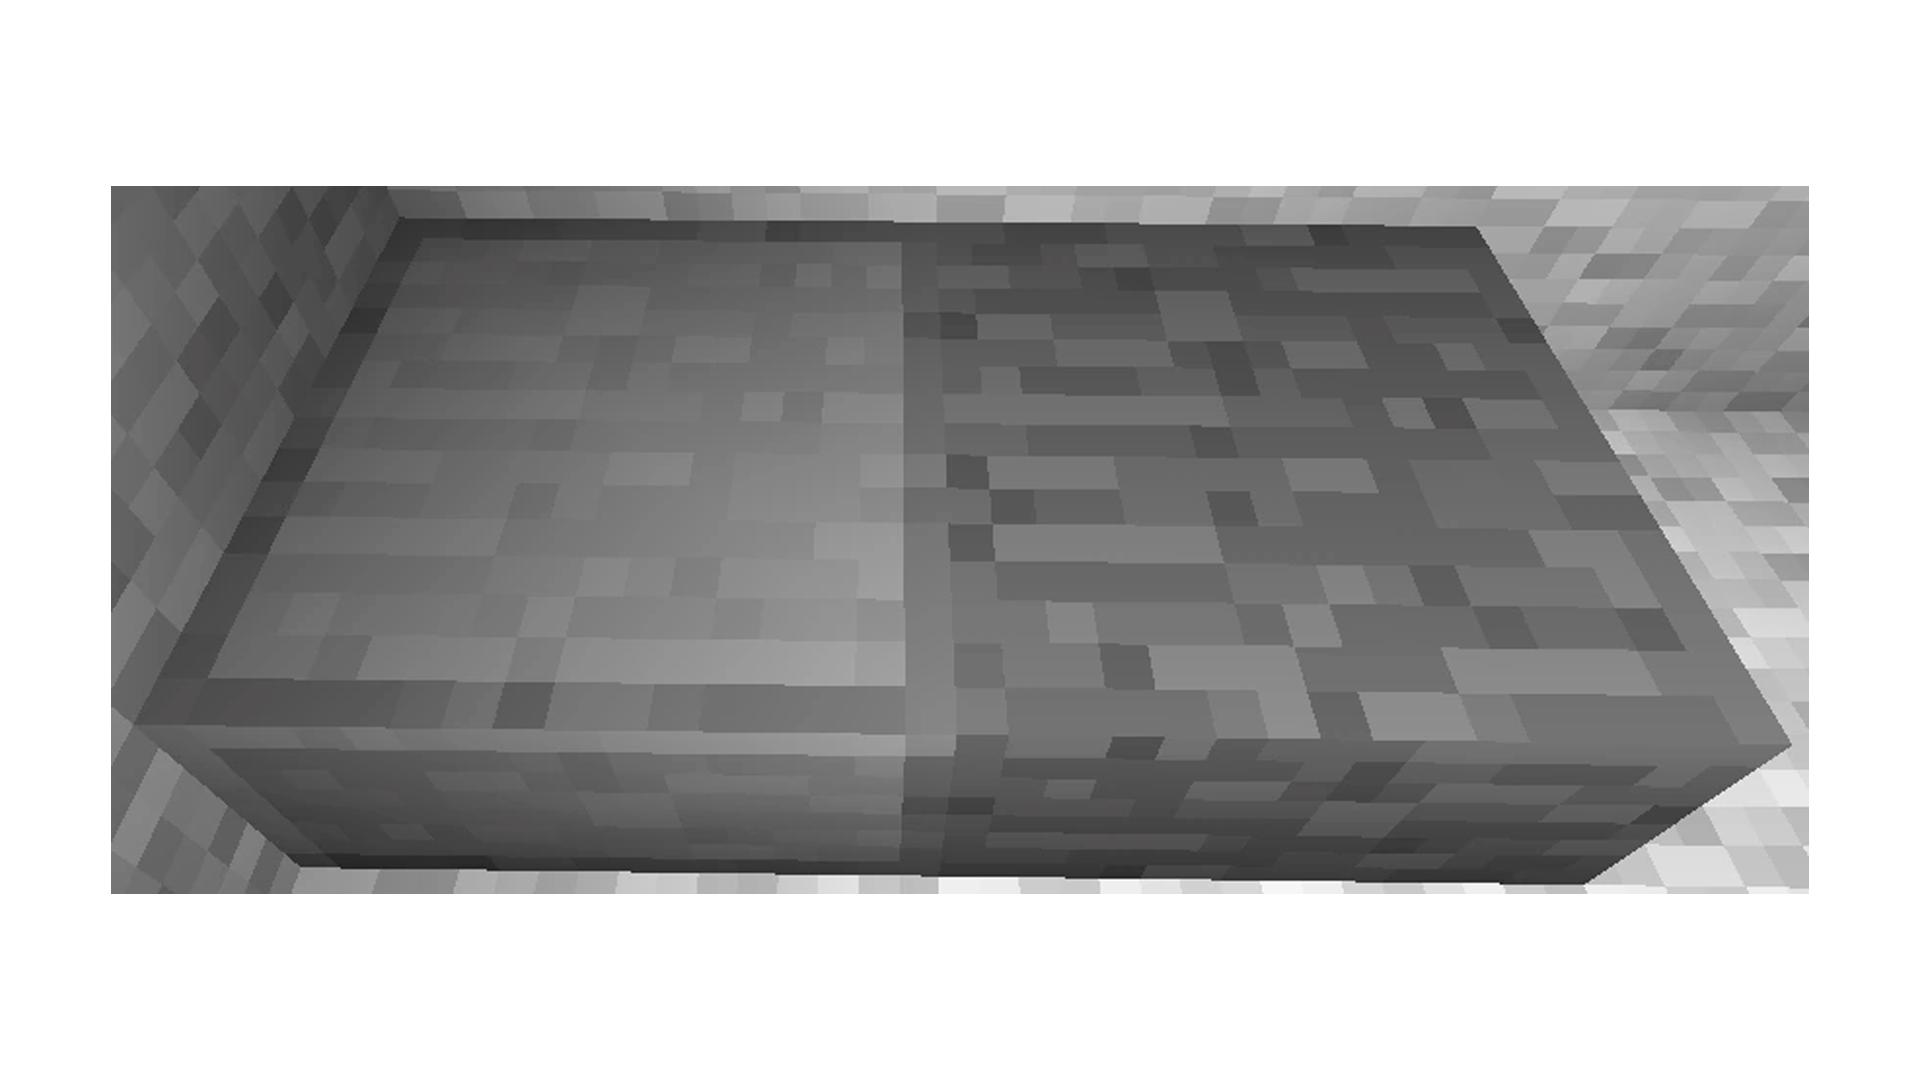 Saiba qual a diferença entre a Pedra Comum e a Pedra Lisa no Minecraft (Foto/Hugo Iwaasa)